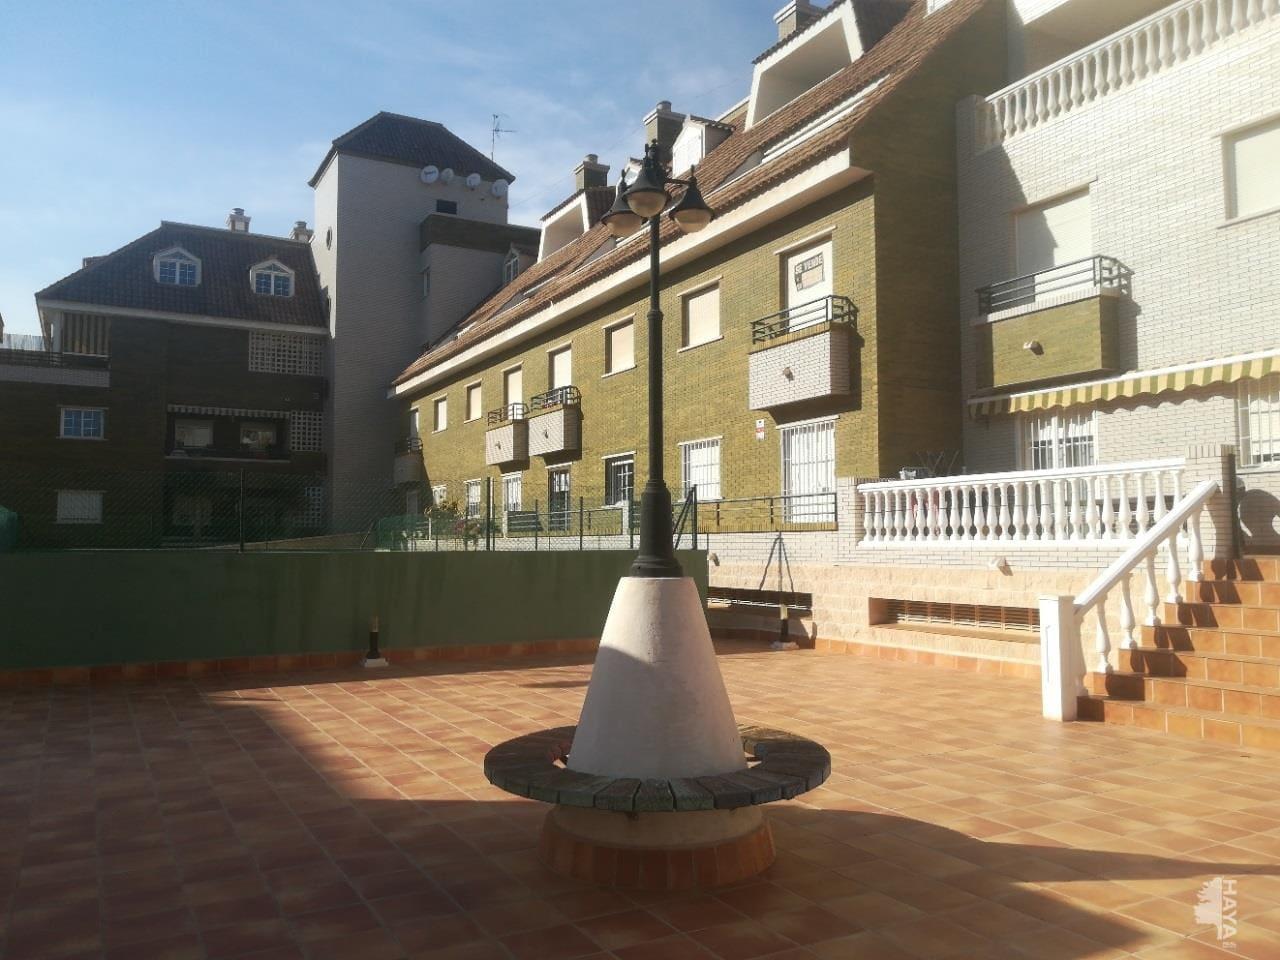 Piso en venta en Los Depósitos, Roquetas de Mar, Almería, Calle Orense, 89.710 €, 3 habitaciones, 2 baños, 103 m2